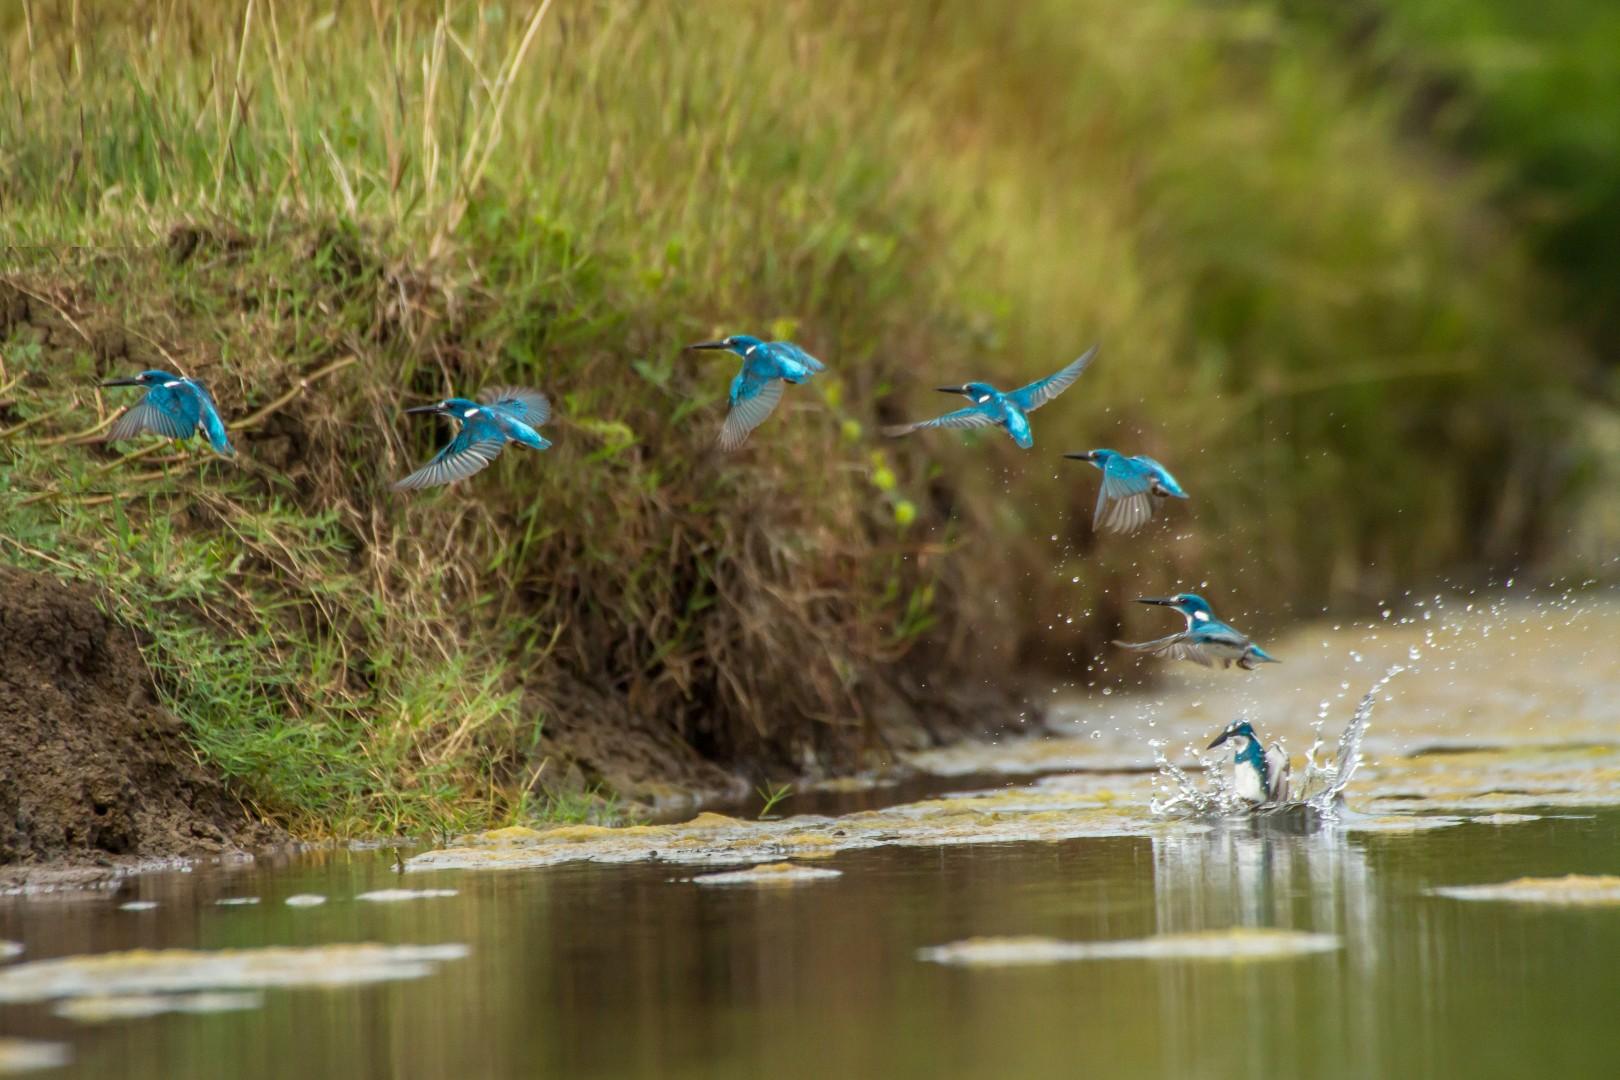 The Big Bang Small Blue Kingfishers Spring